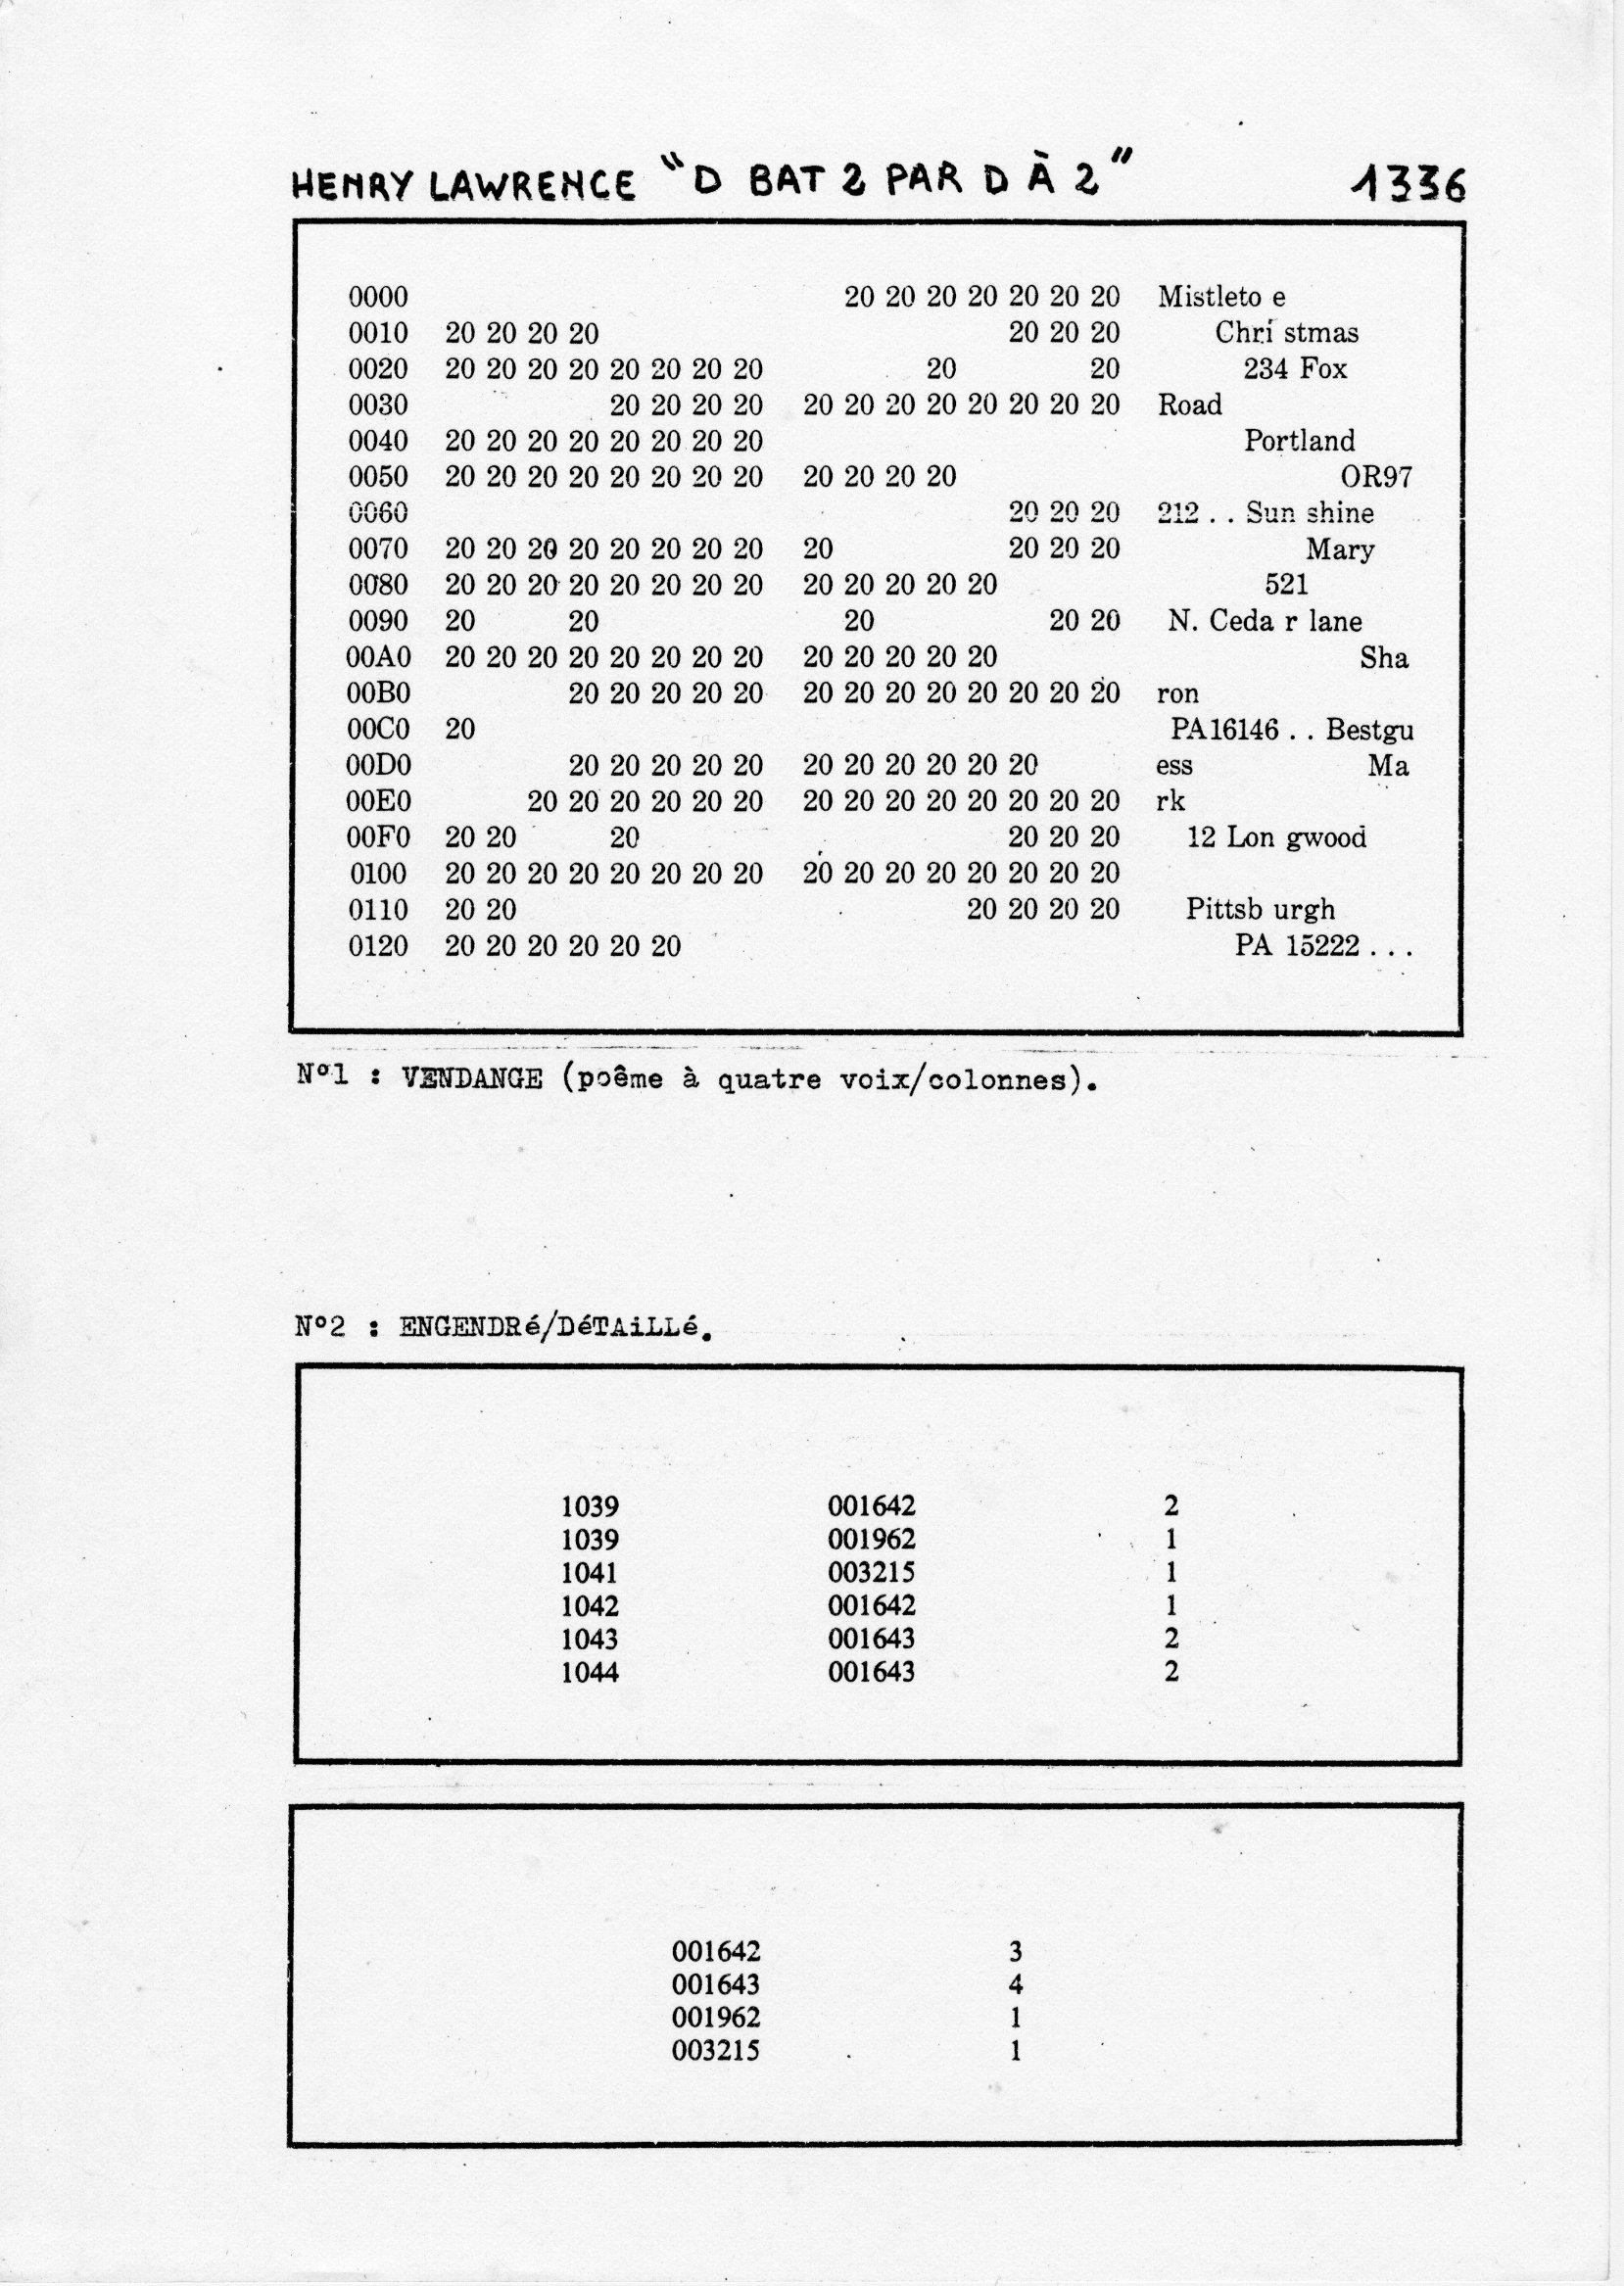 page 1336 H. Lawrence D BAT 2 PAR D A 2